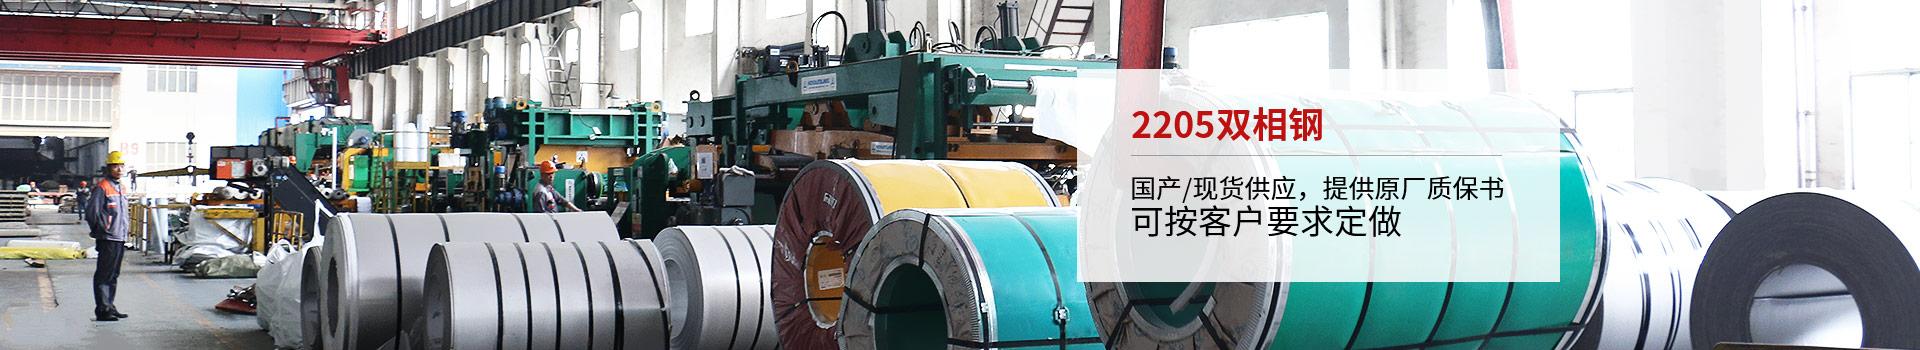 2205双相钢 国产/现货供应 提供原厂质保书